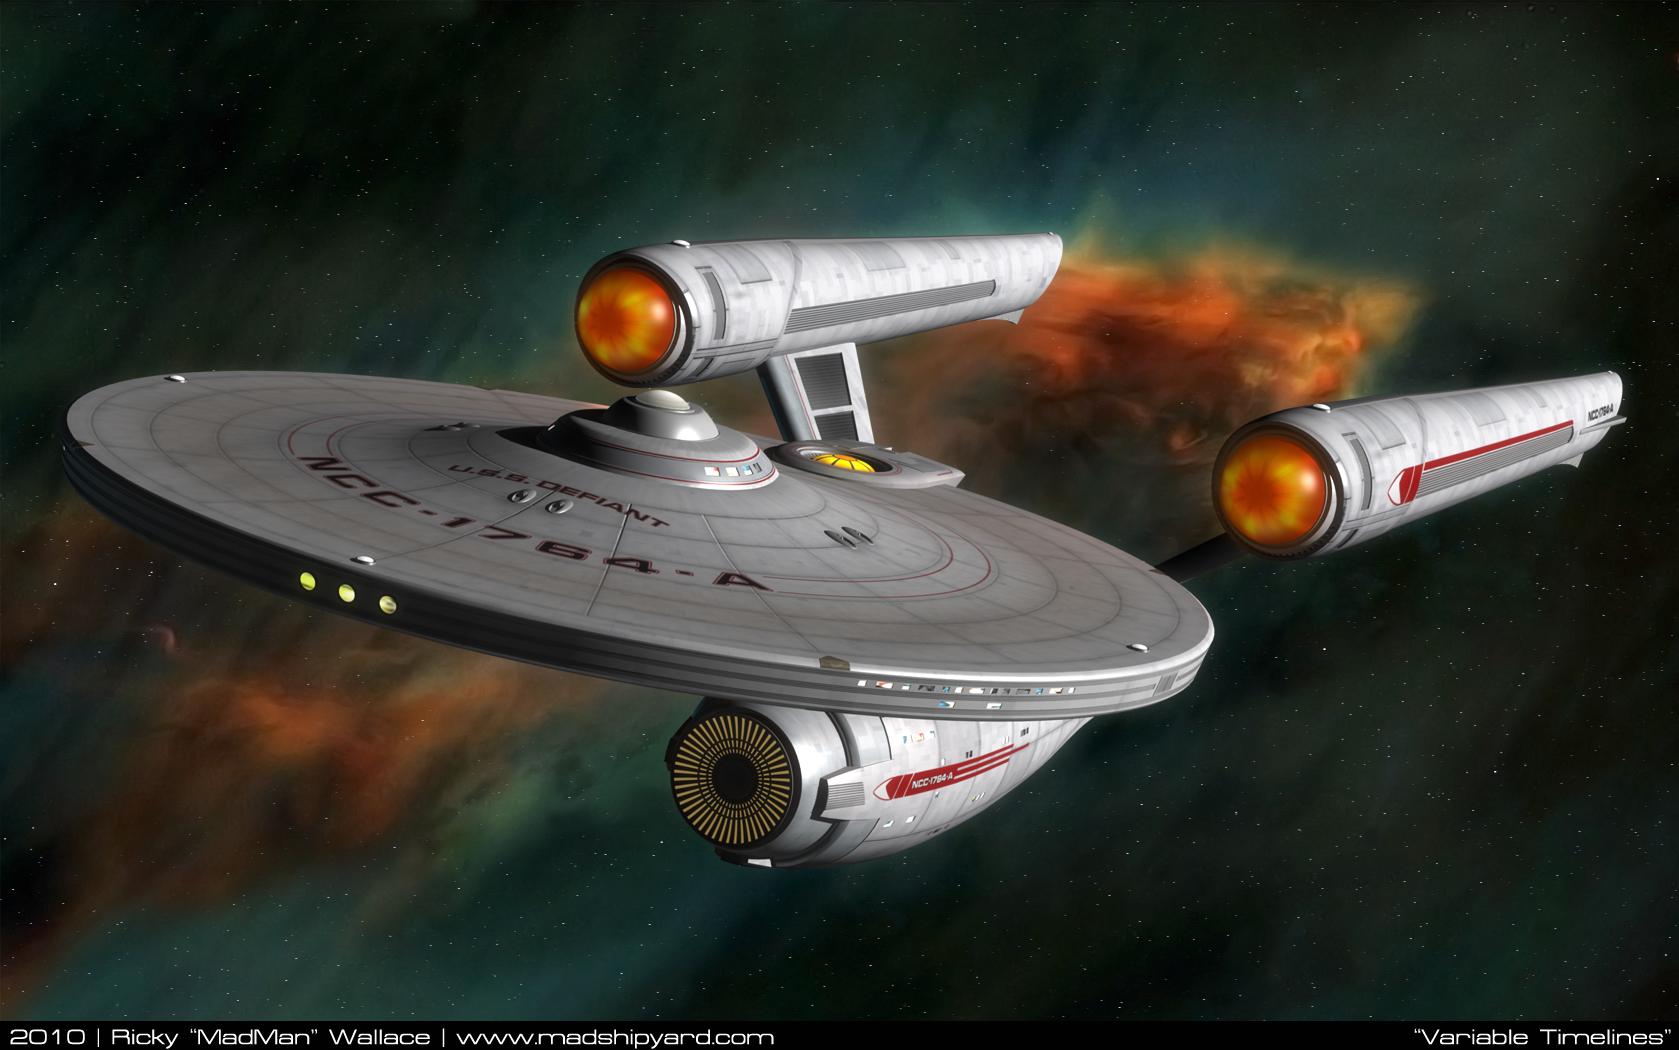 reimagined uss enterprise ncc - photo #21